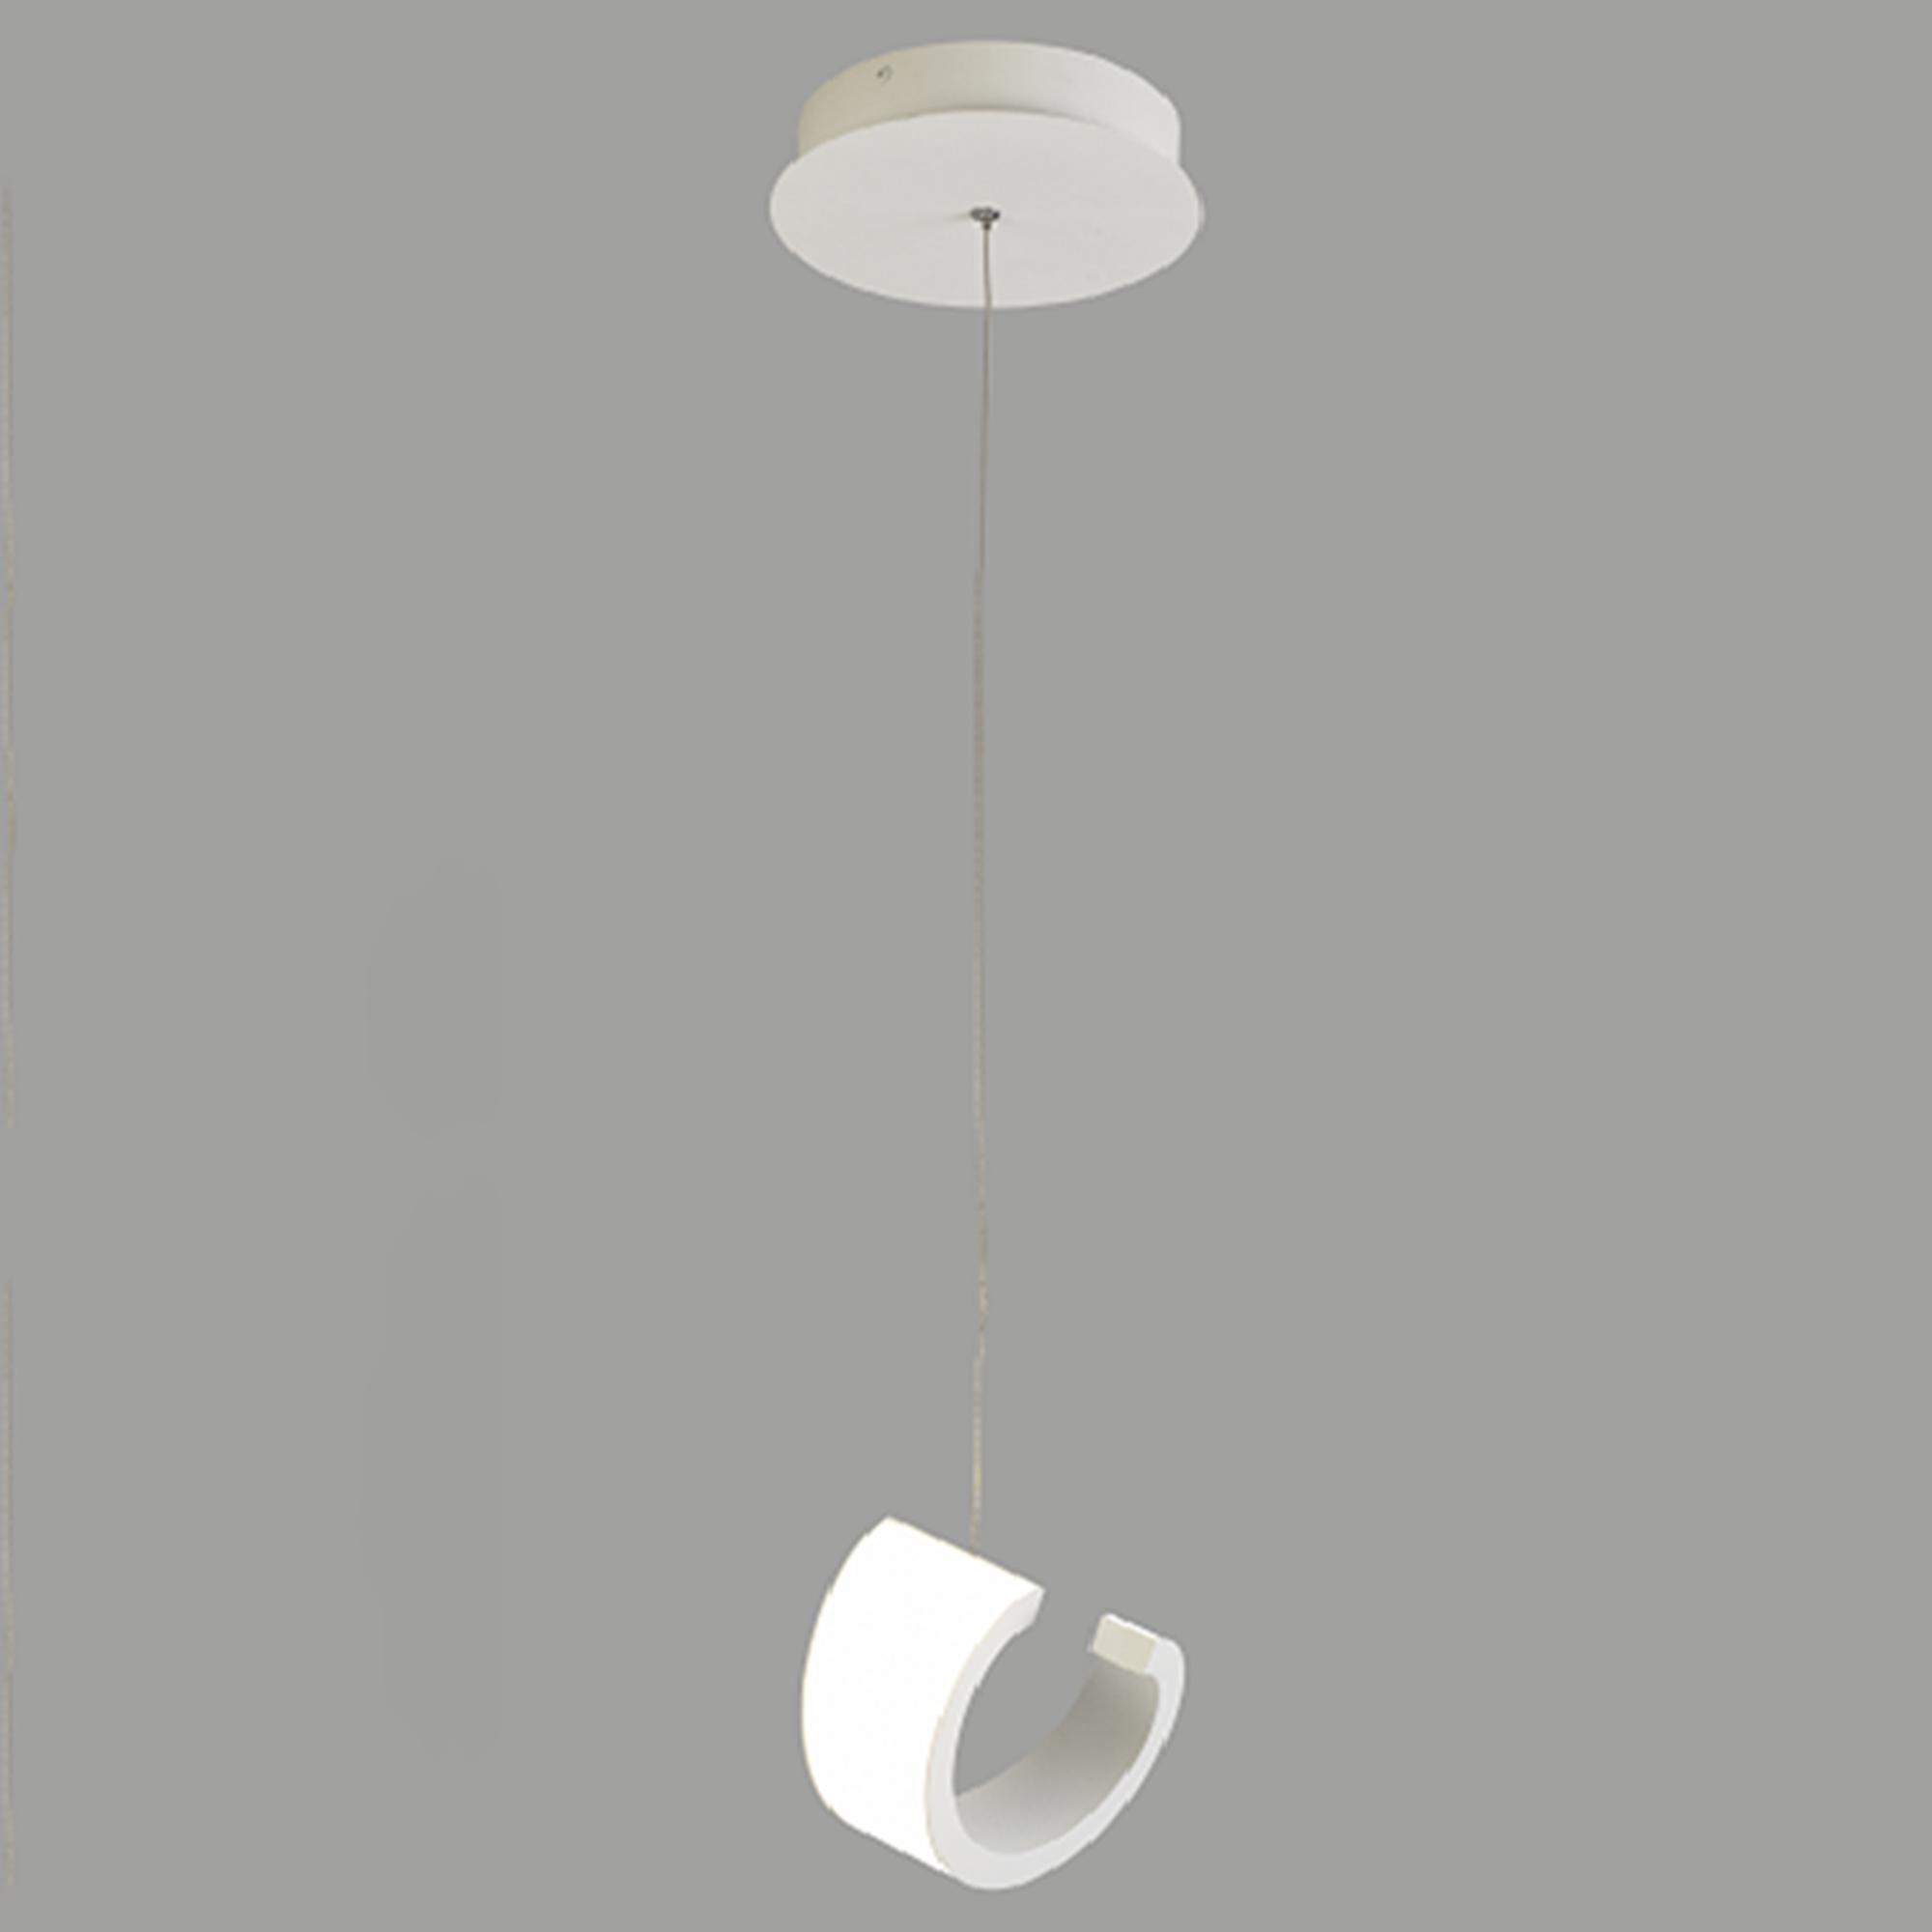 Купить Светильник подвесной Elvan ASV-1203-12W-3000K